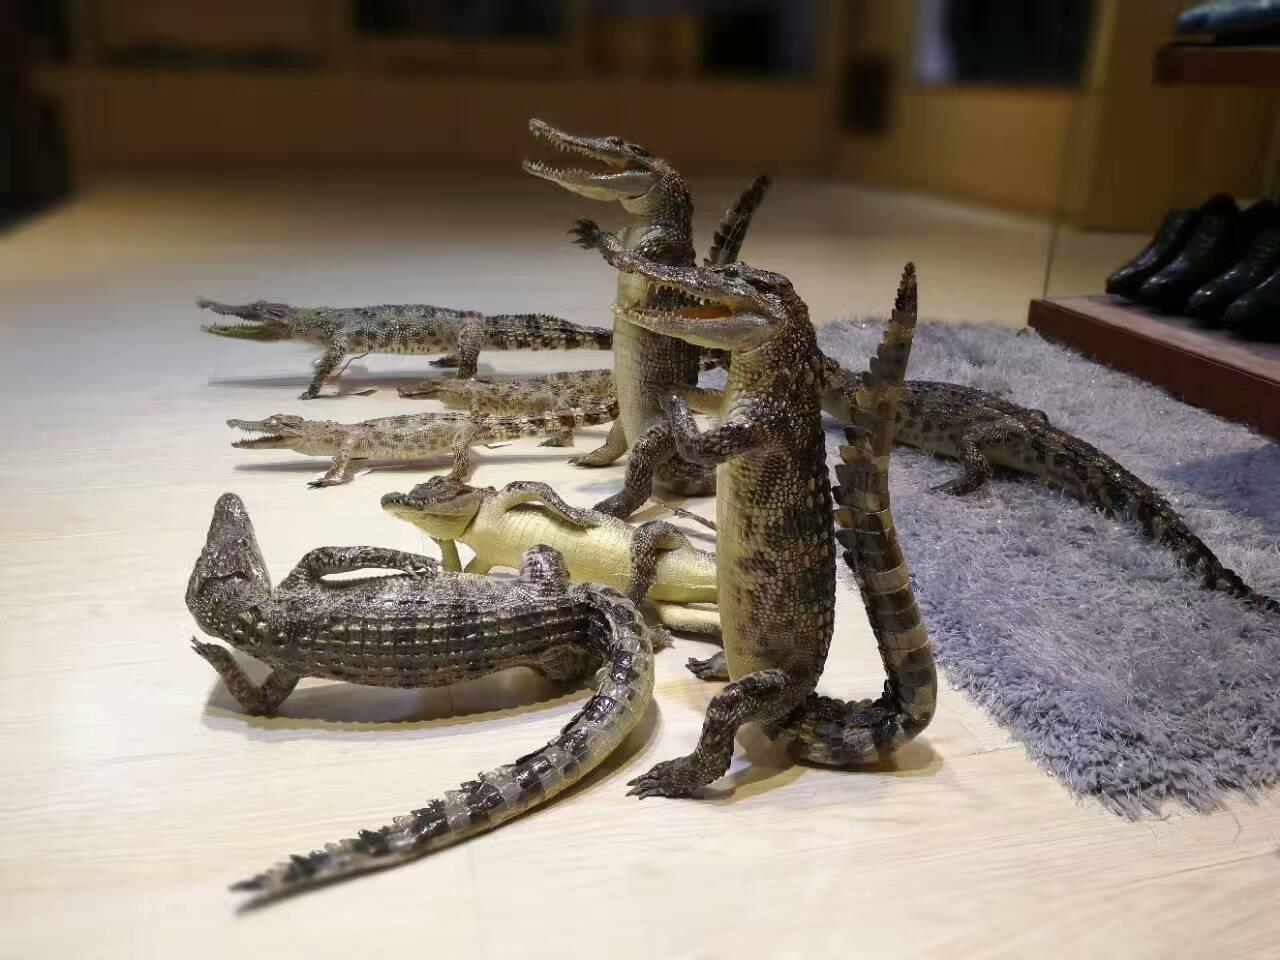 文昌市鳄鱼皮钱包公司